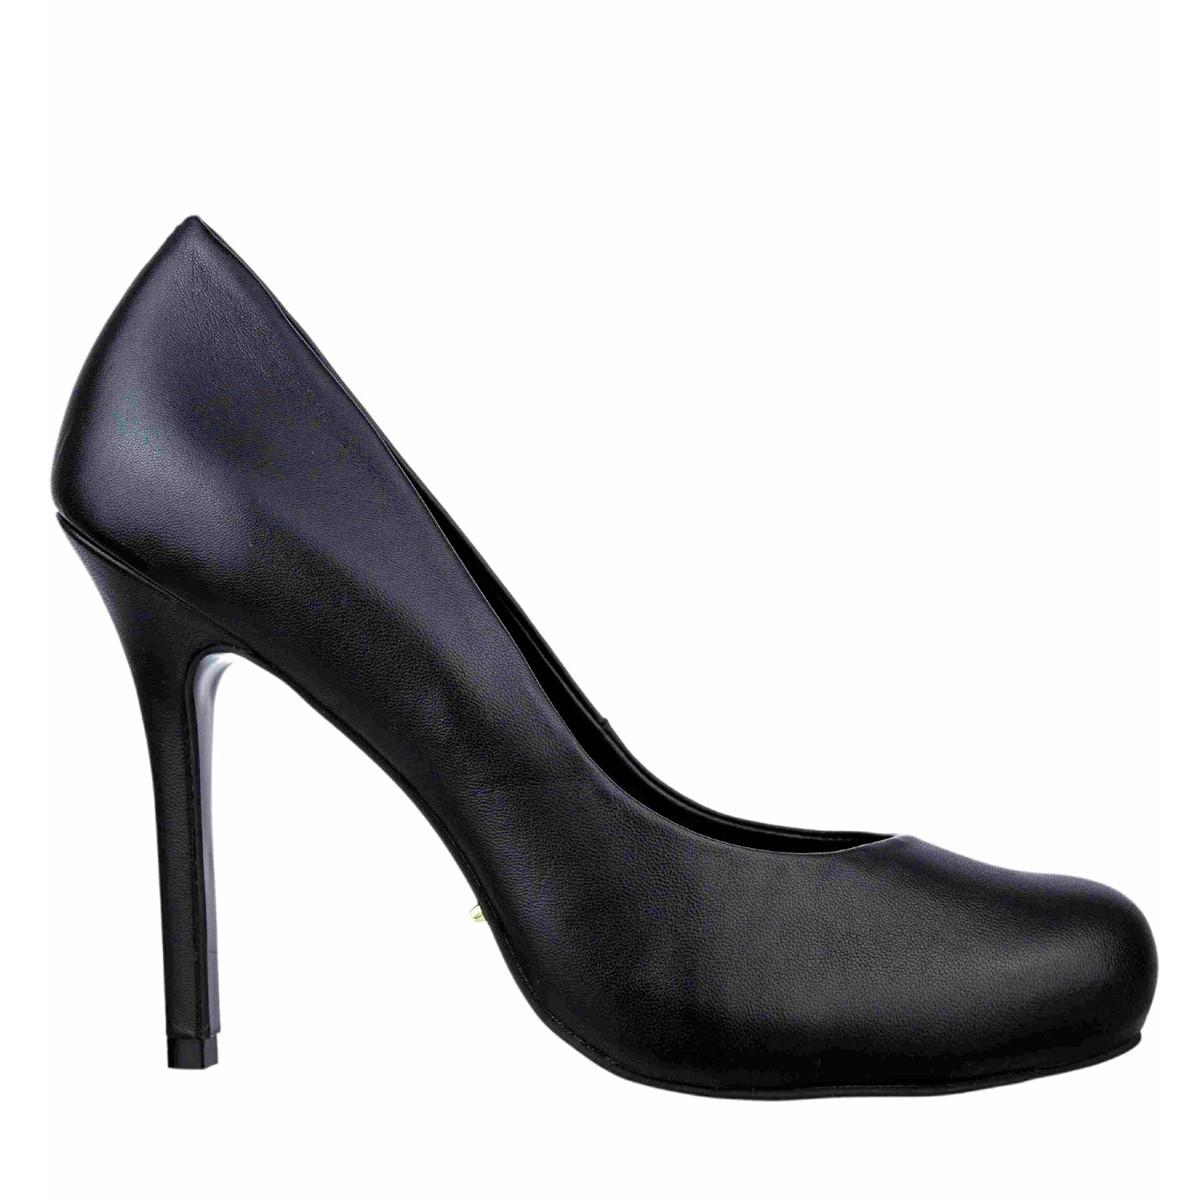 Bizz Store - Sapato Feminino Cristófoli Salto Alto Couro Preto f64474198e